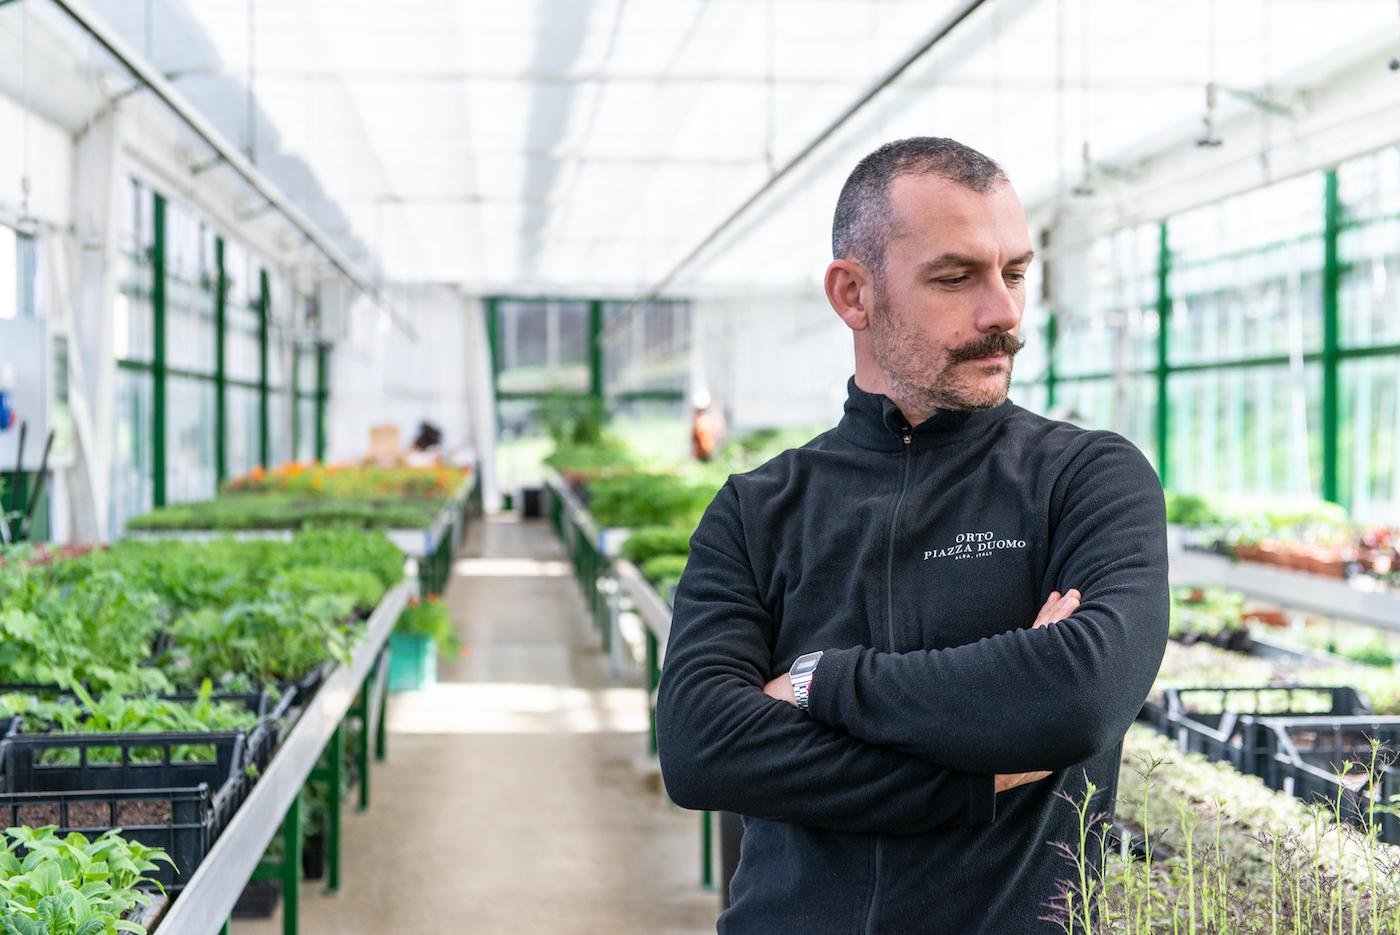 Enrico Costanza, uno dei giardinieri-ortolani dell'Orto di Piazza Duomo - foto Stefano Borghesi